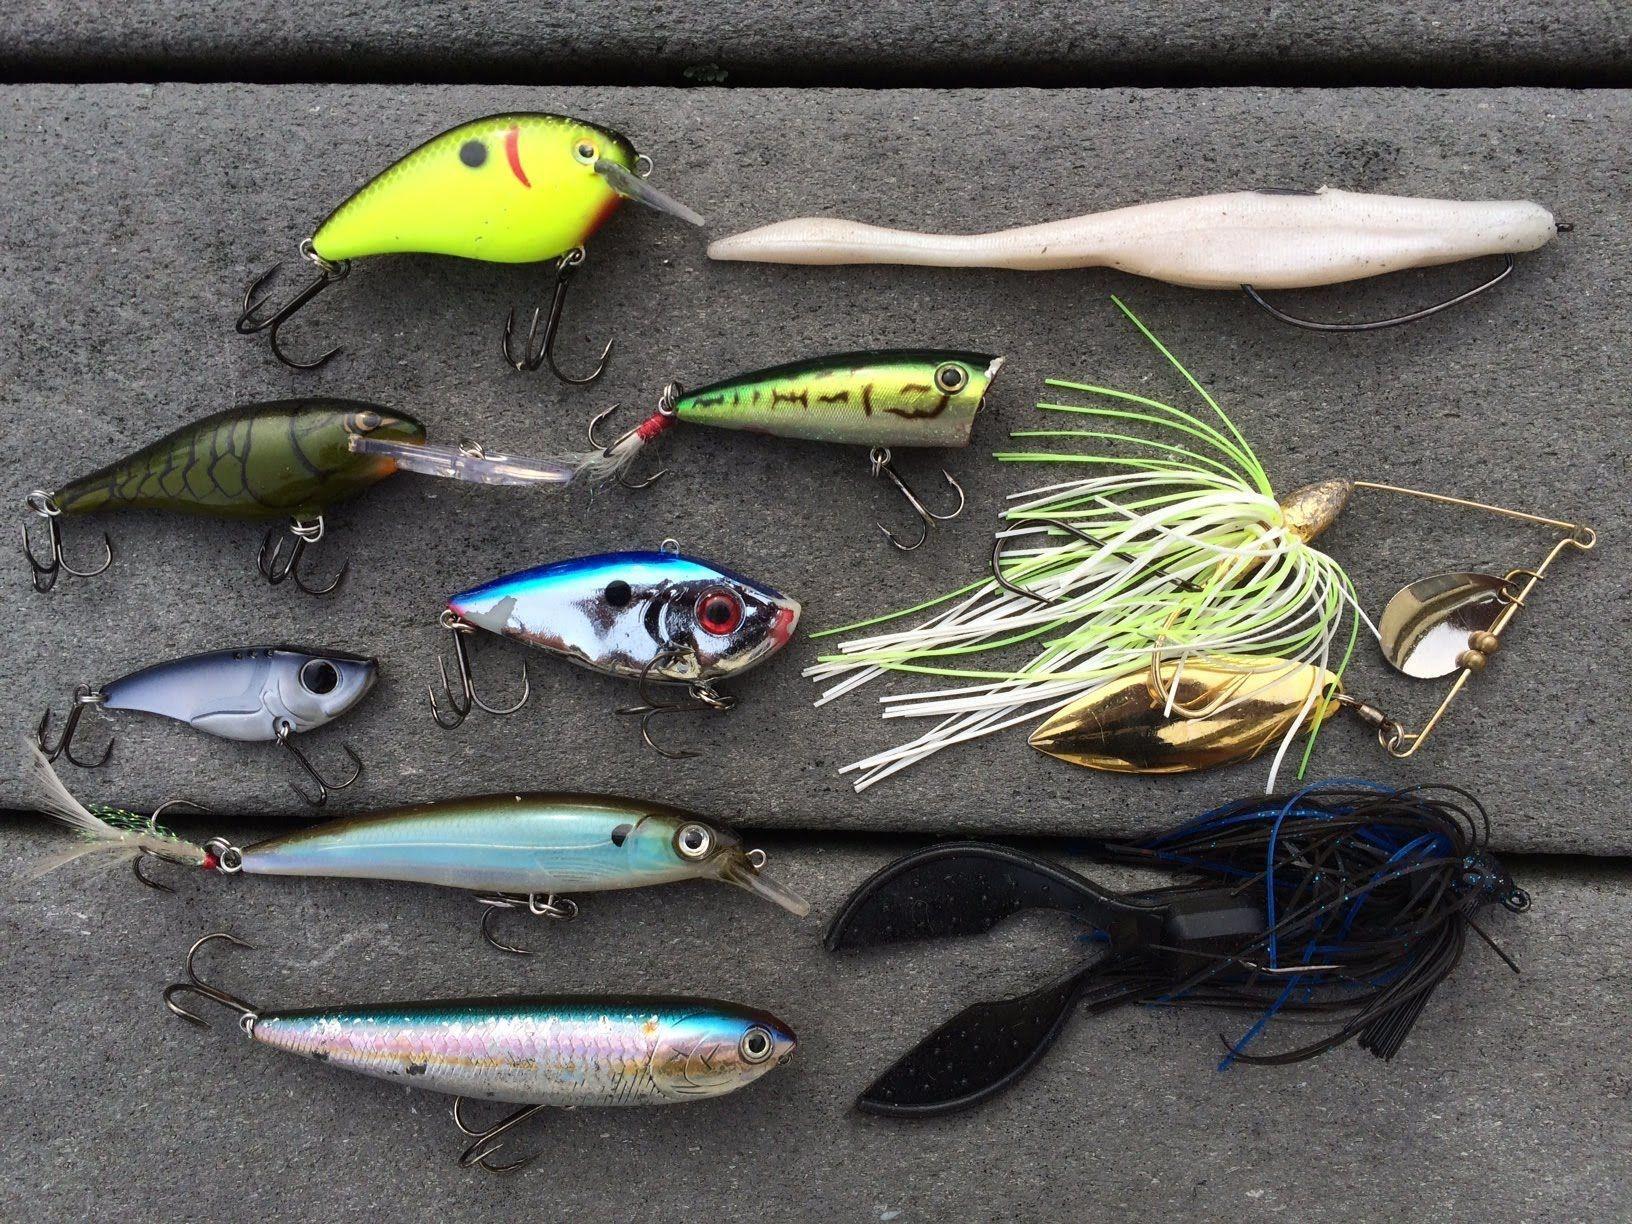 bassfishinghacks Fishing | Fishing tips | Fishing gear